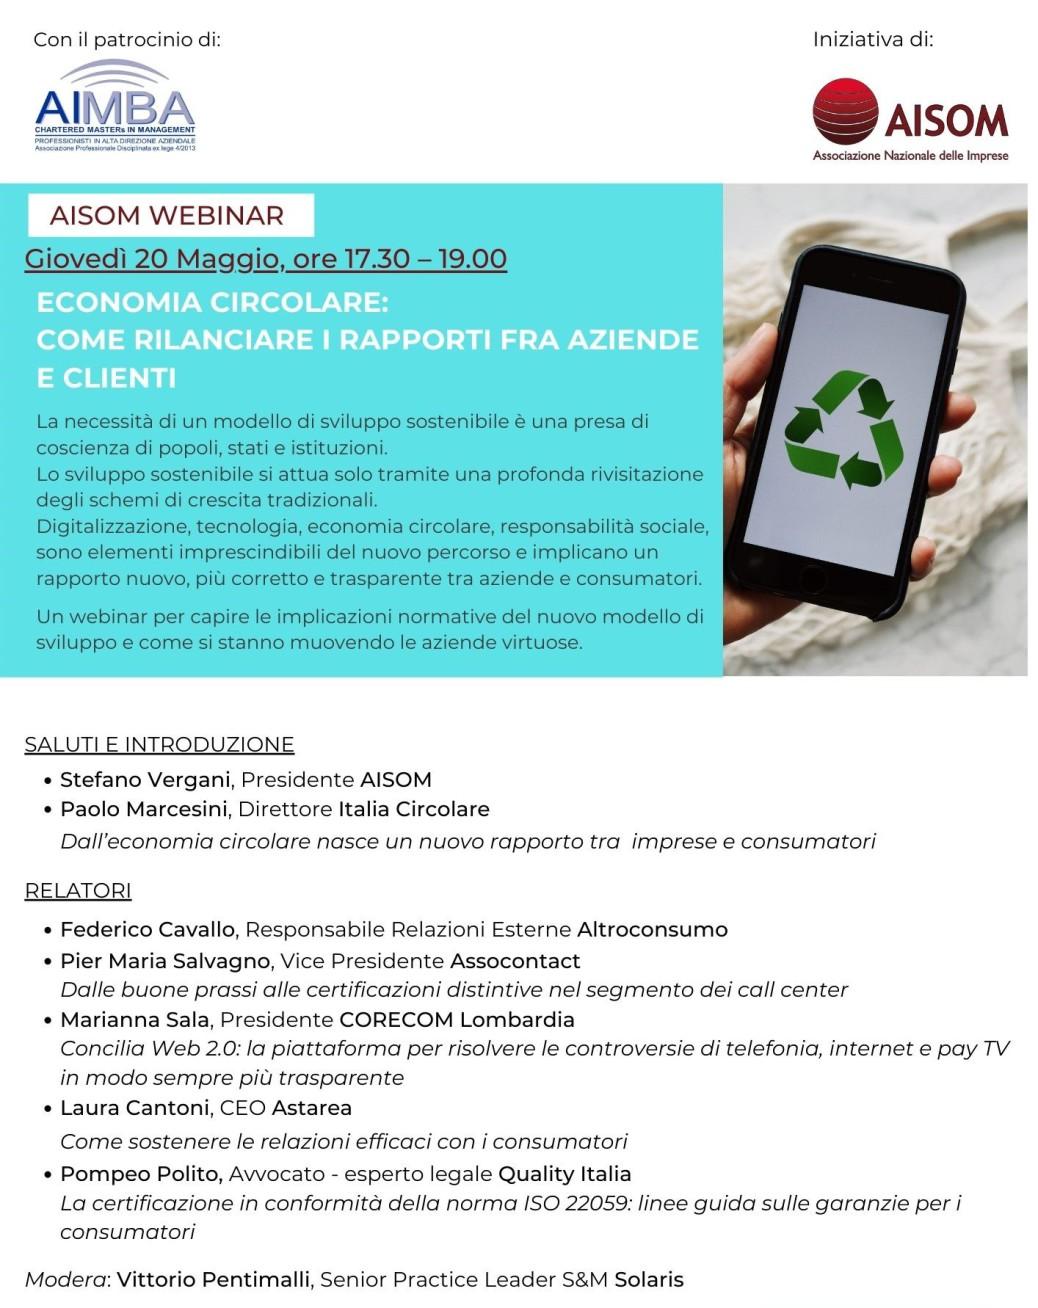 Locandina-Invito_Webinar_Economia Circolare_20.05.2021_def._per sito_post evento